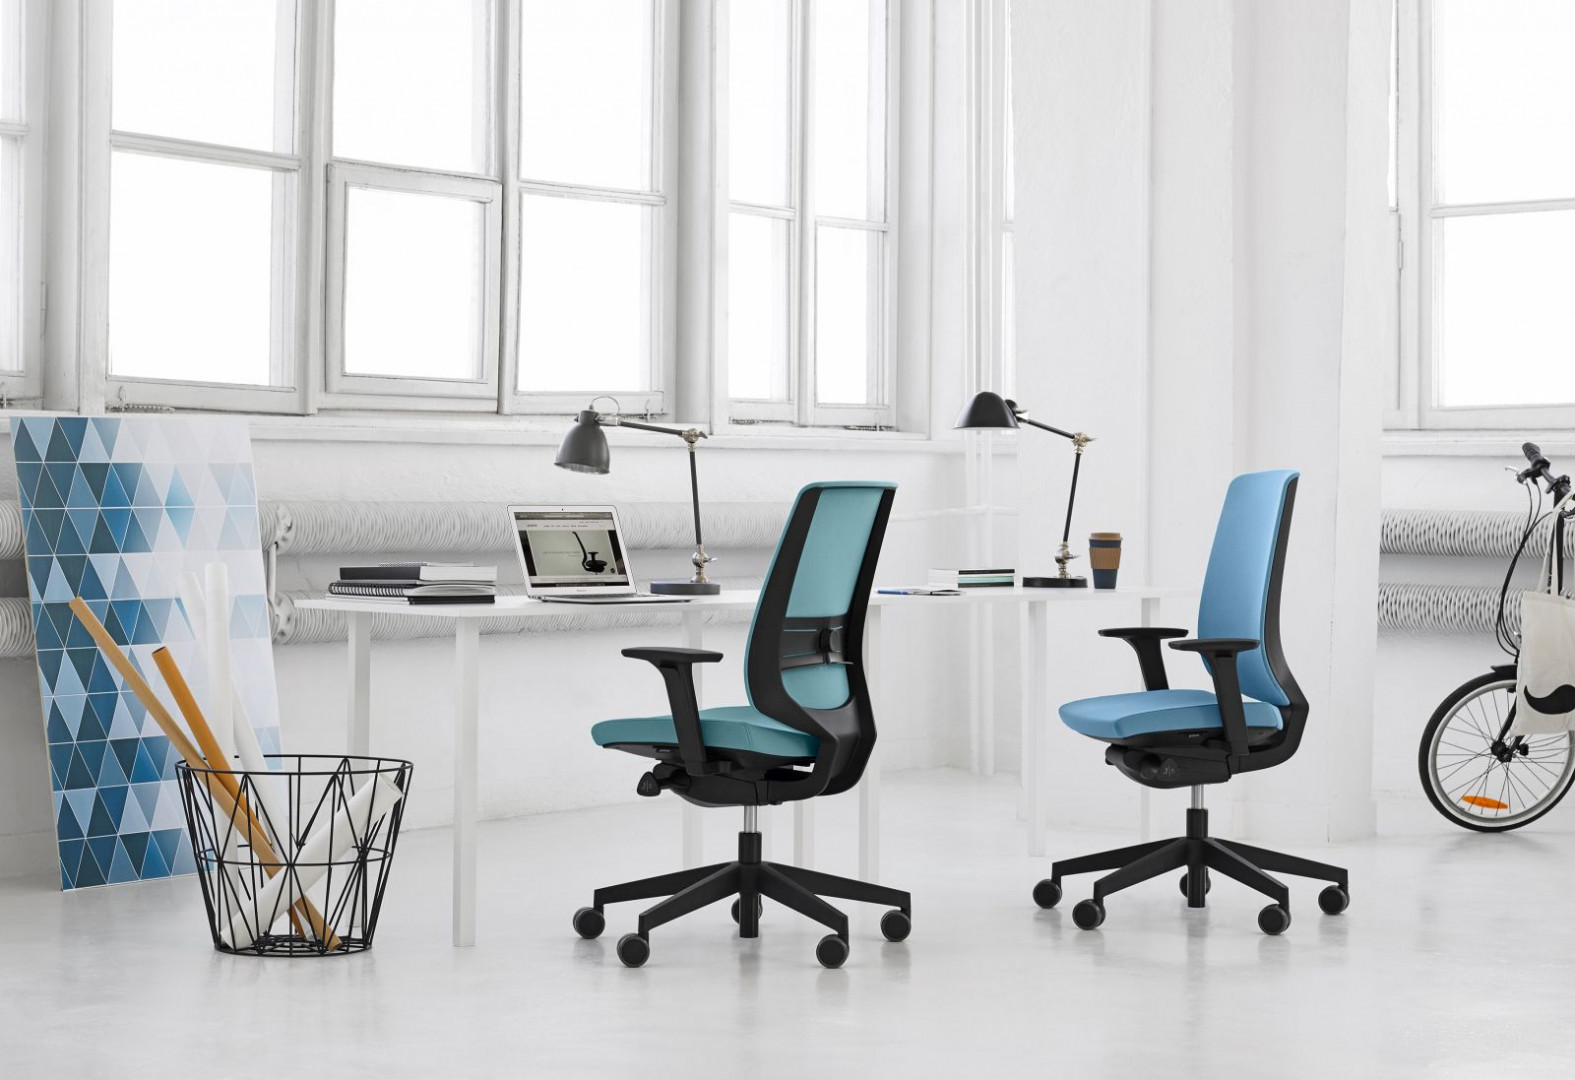 Fotele z serii LightUp - jeden z produktów firmy Profim. Fot. Profim